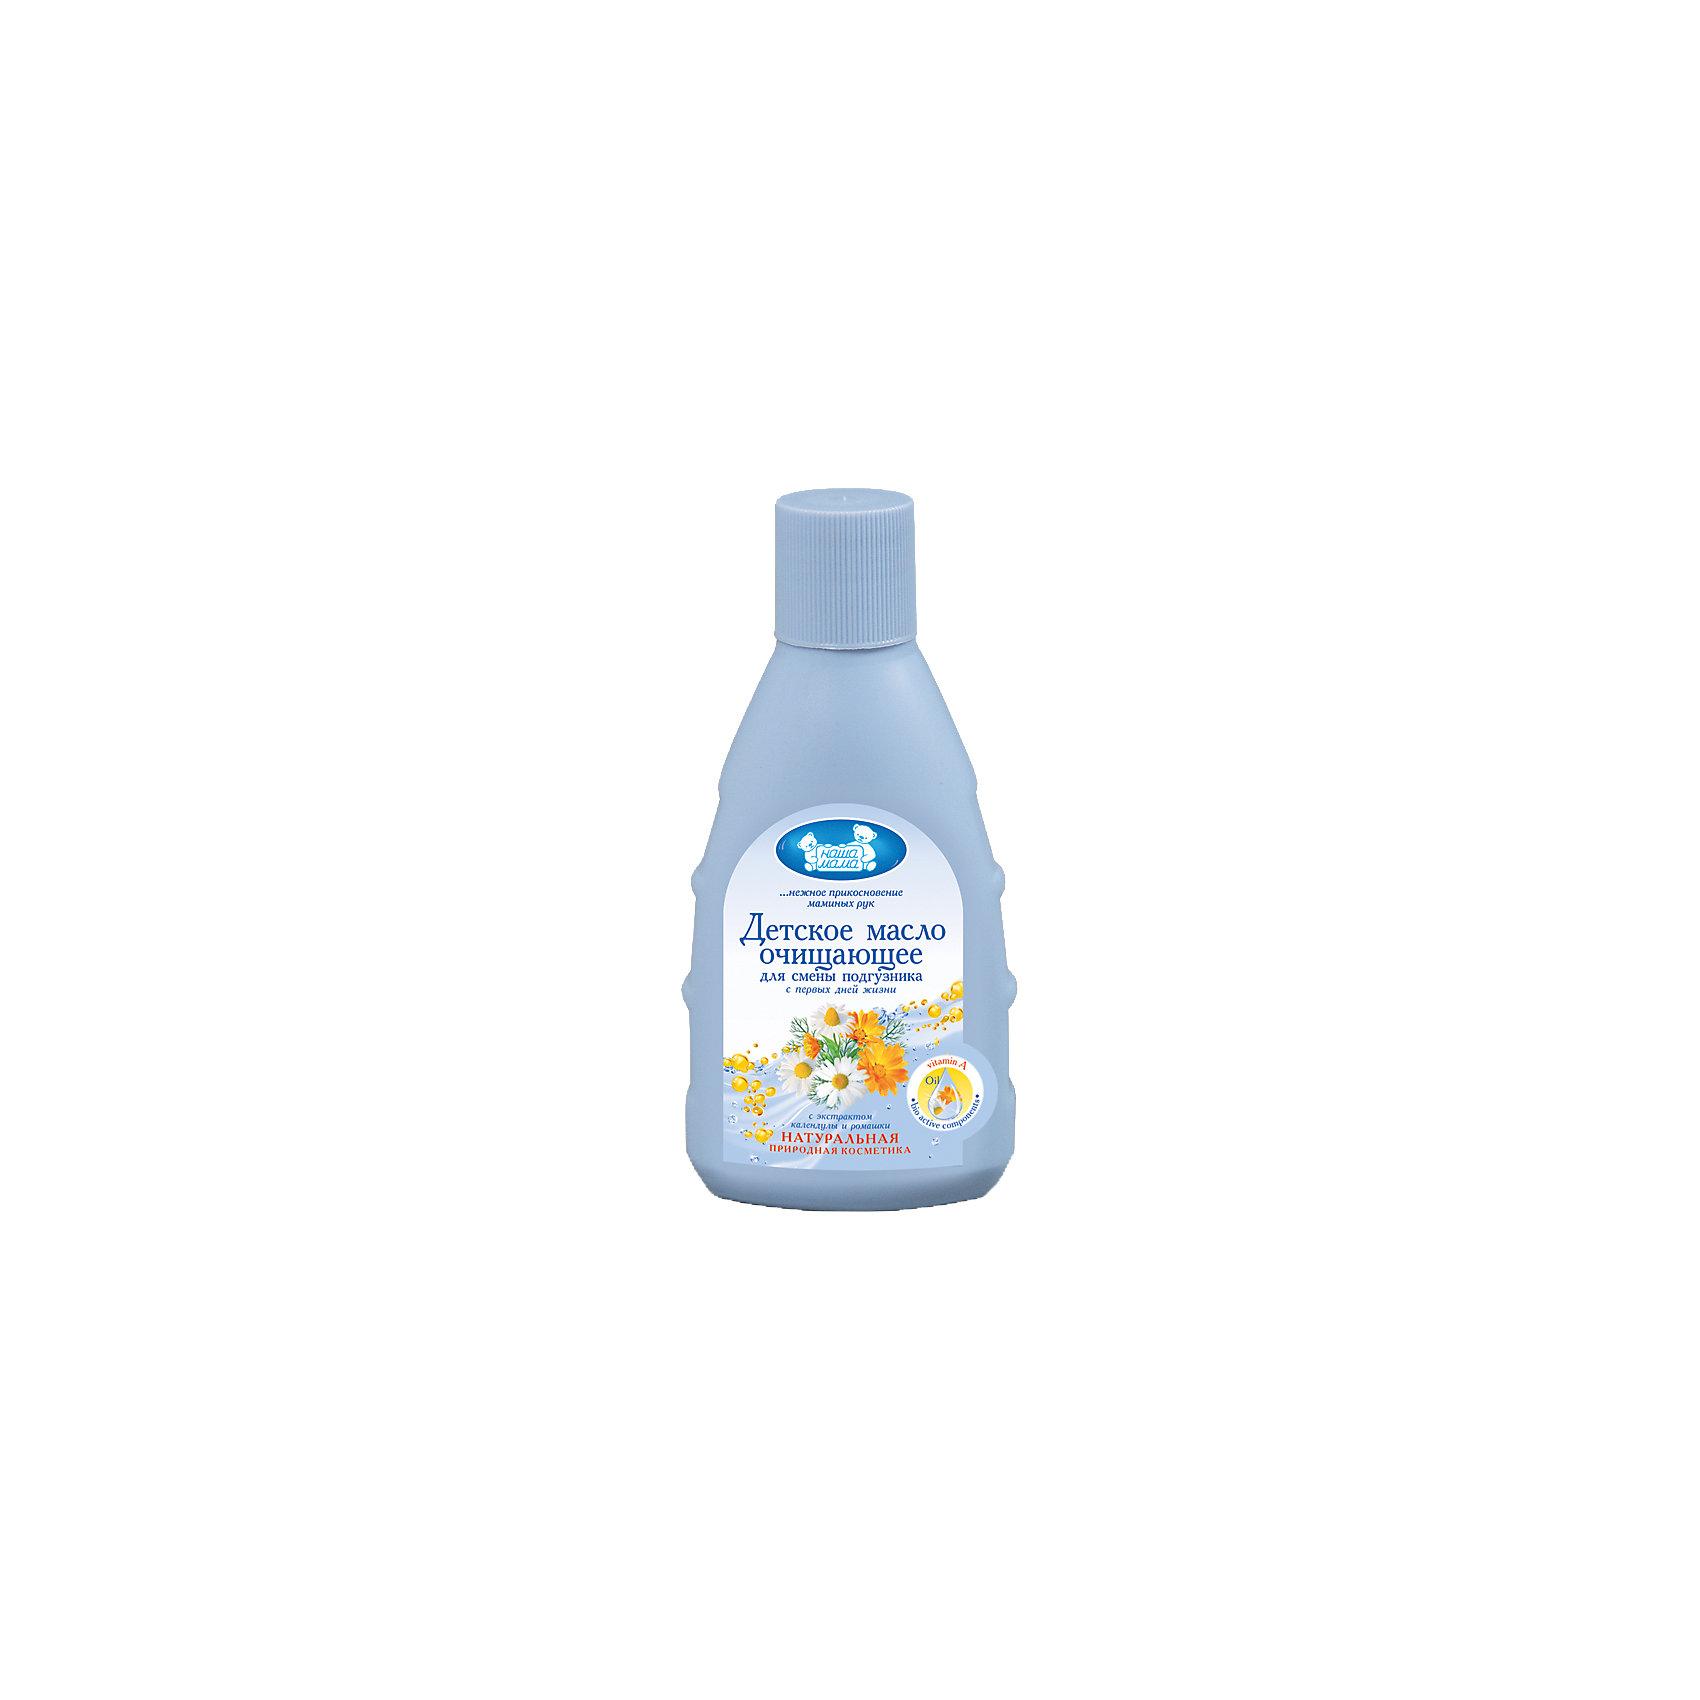 Масло для ухода и массажа 125 мл, Наша МамаДетское масло для ухода и массажа, благодаря сбалансированной формуле натуральных активных компонентов, нежно питает кожу малыша, повышая ее защитные свойства и эластичность. Кедровое и облепиховое масла, витамин А оказывают противовоспалительное и увлажняющее действие, способствуют регенерации кожи. Масло легко впитывается, увлажняет кожу малыша не оставляя жирного блеска.<br><br>Ширина мм: 55<br>Глубина мм: 35<br>Высота мм: 160<br>Вес г: 135<br>Возраст от месяцев: 0<br>Возраст до месяцев: 36<br>Пол: Унисекс<br>Возраст: Детский<br>SKU: 4124413